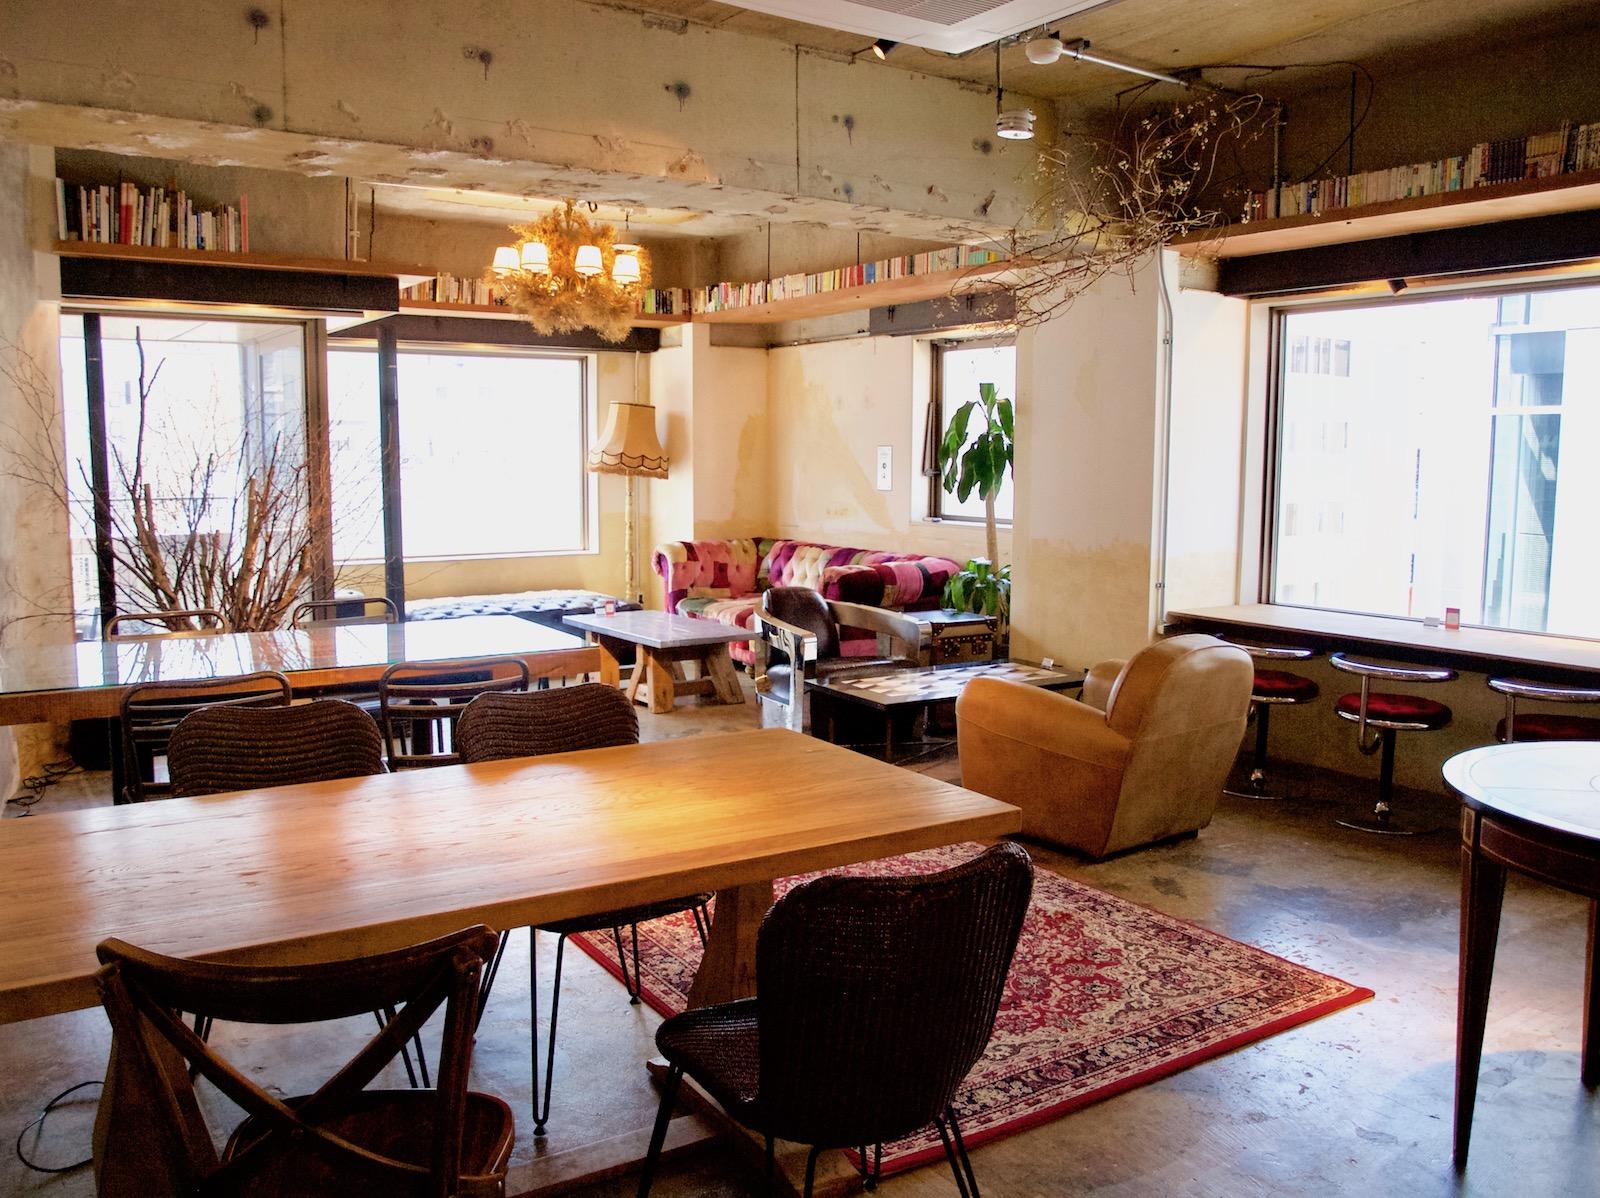 札幌に新しいモノゴトが生まれる場所を。昼はコワーキングカフェ、夜はバーの「大人座 Otonaza」オープン